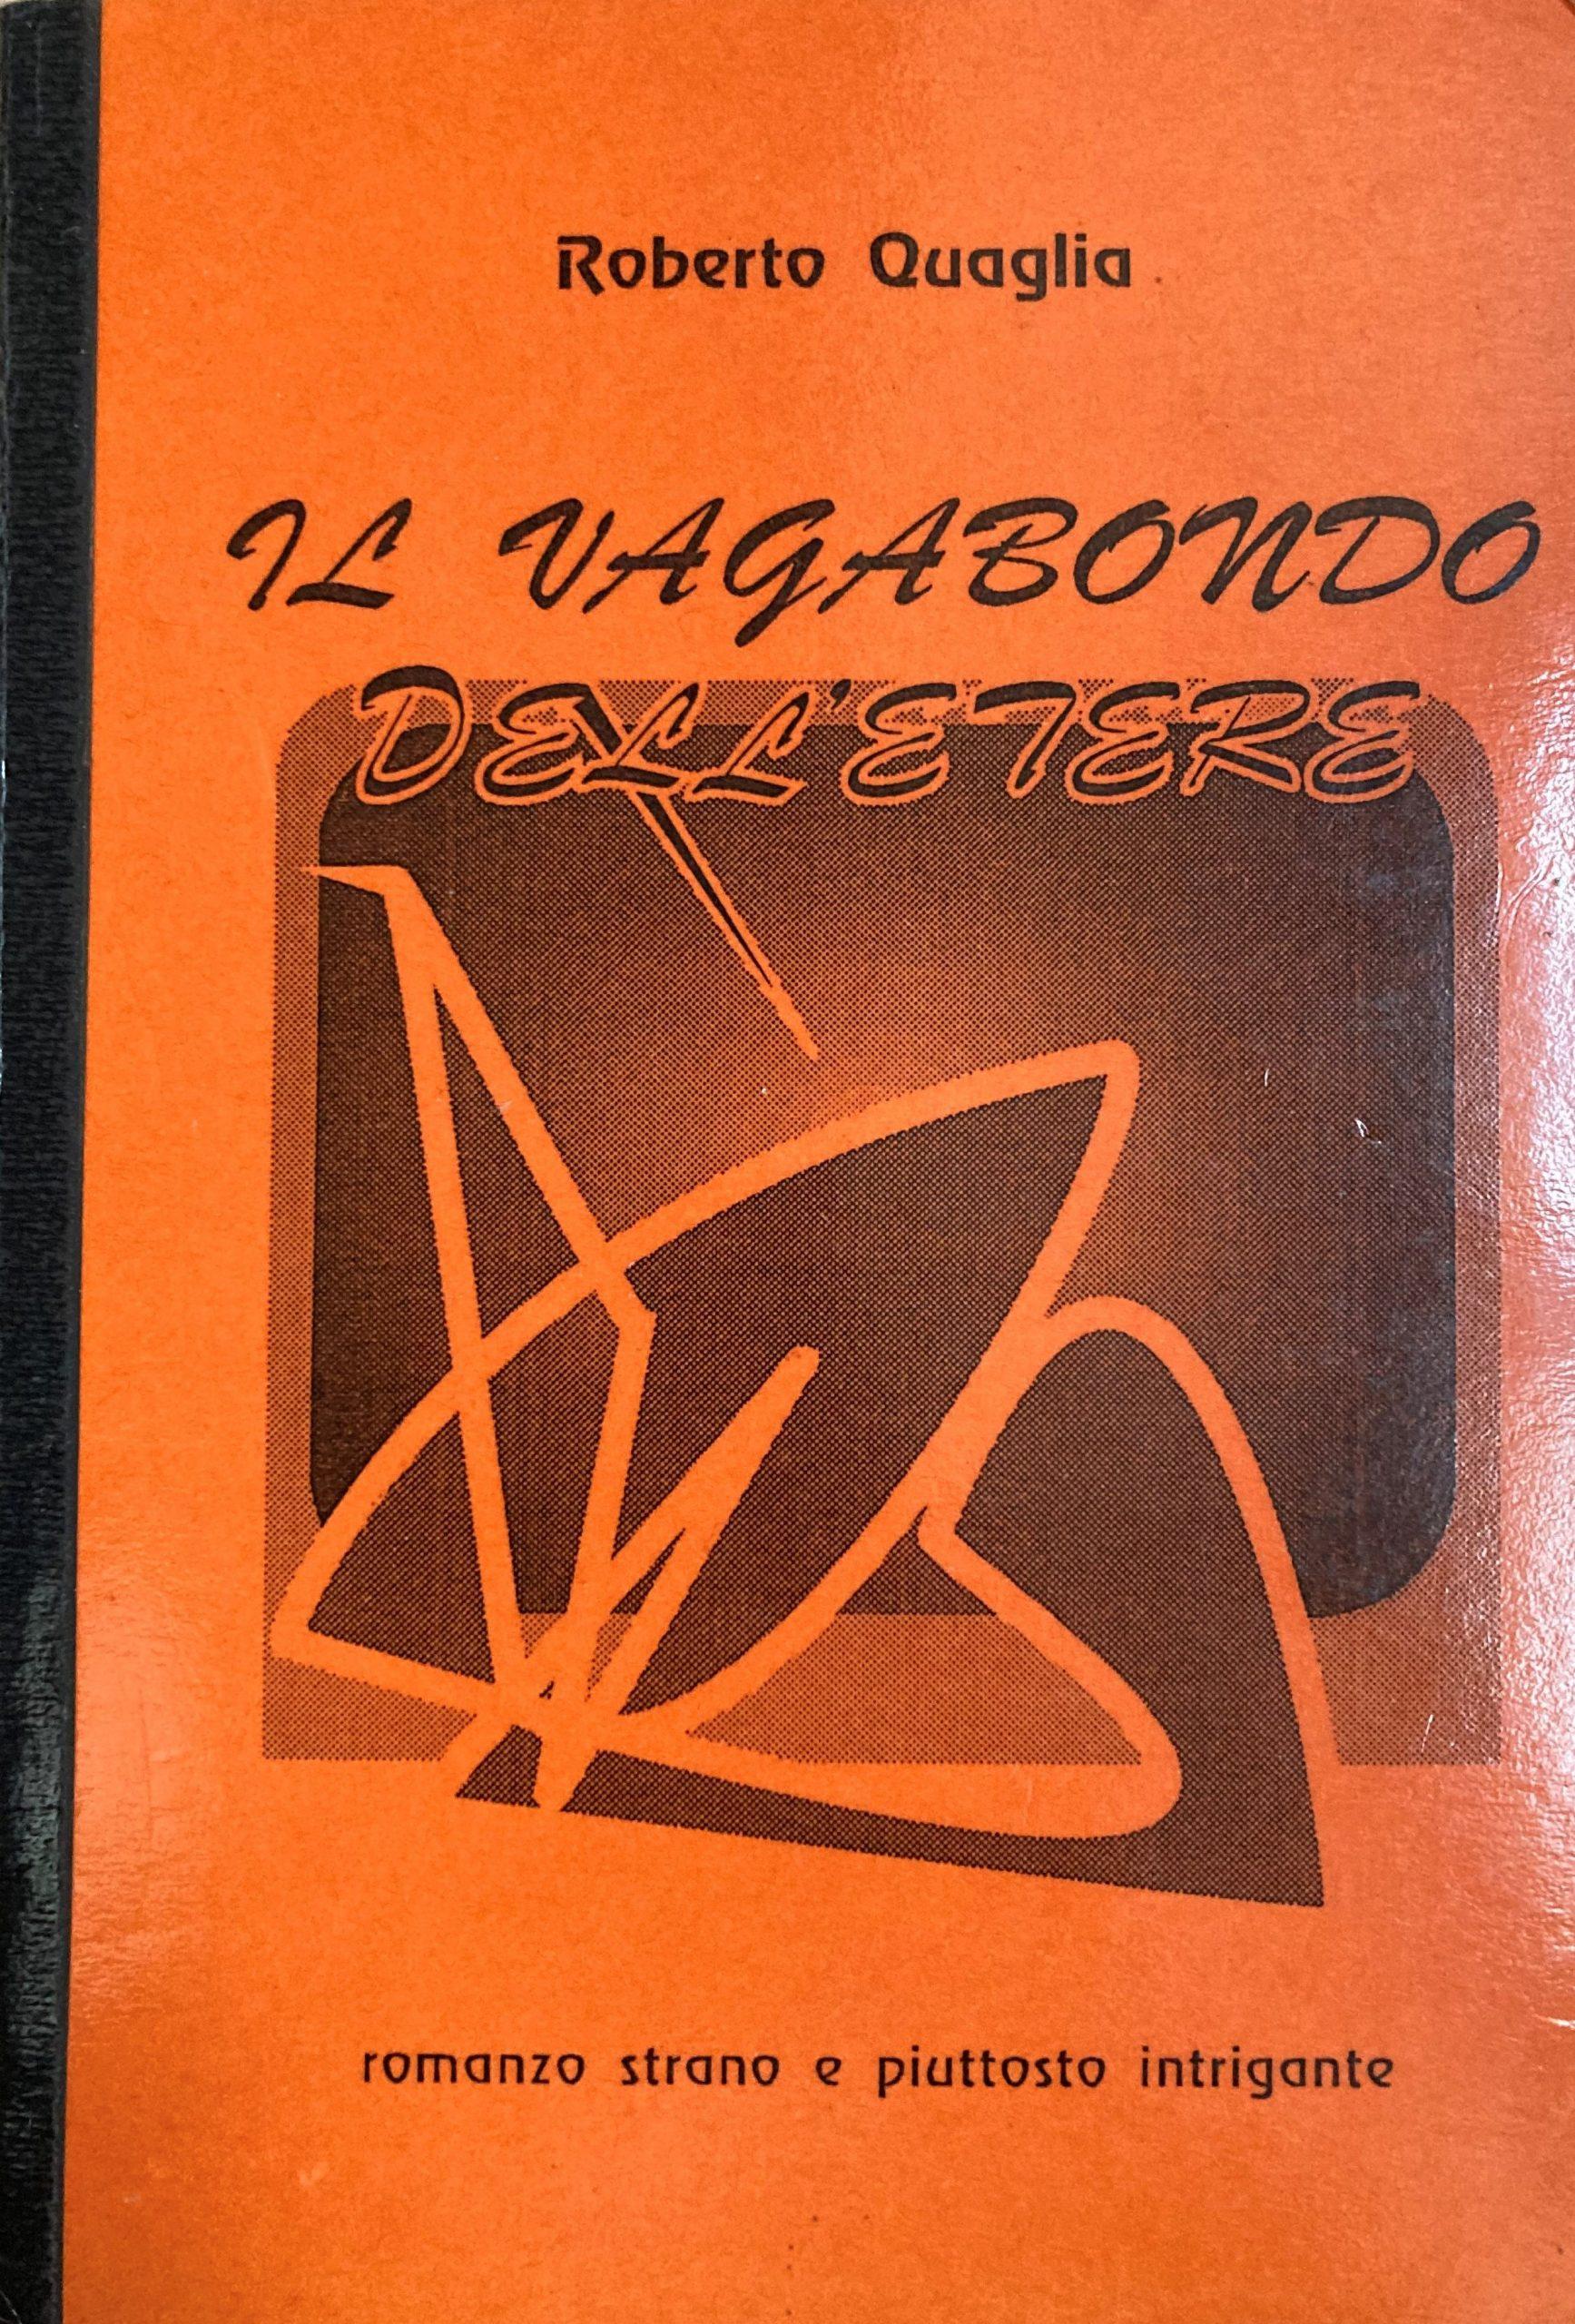 Qualche rarissimo libro degli inizi di Roberto Quaglia in tiratura limitata